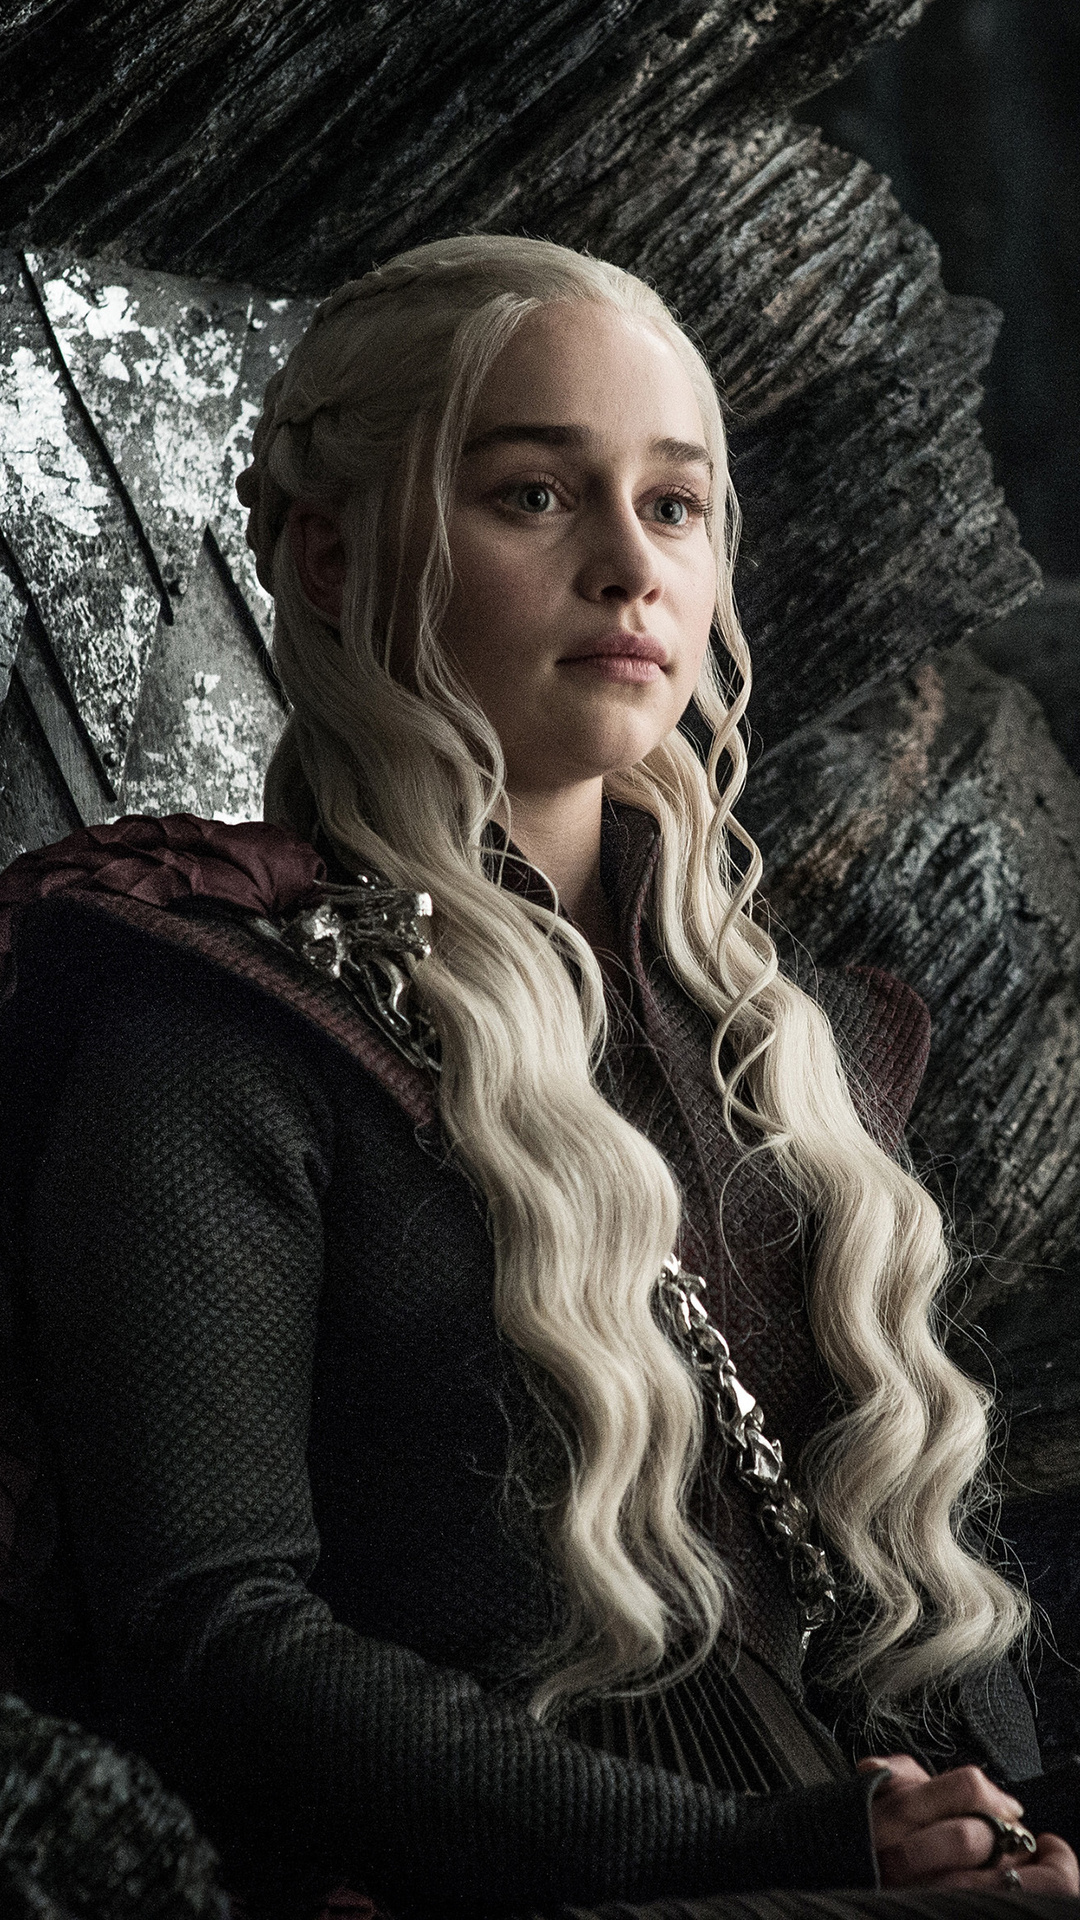 1080x1920 Daenerys Targaryen Game Of Thrones Season 7 4k ...